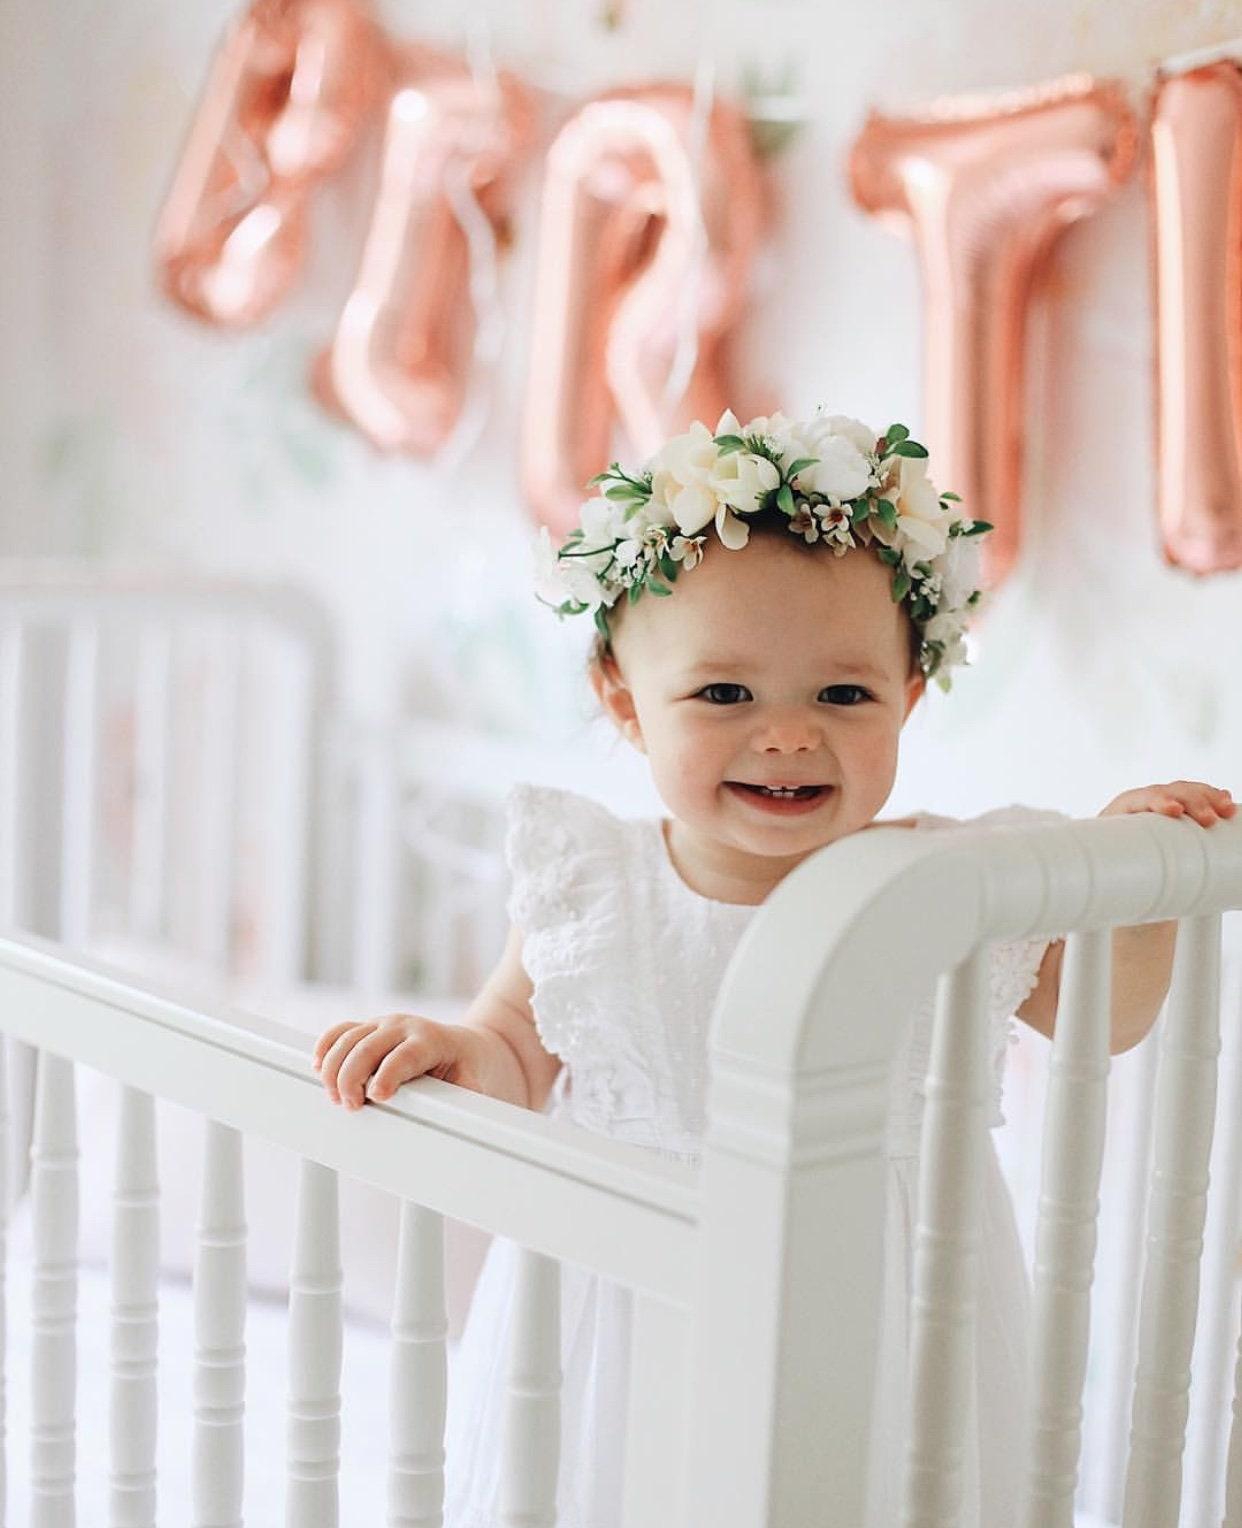 Tieback Flower Crown, Toddler Flower Crown, Newborn Flower ...